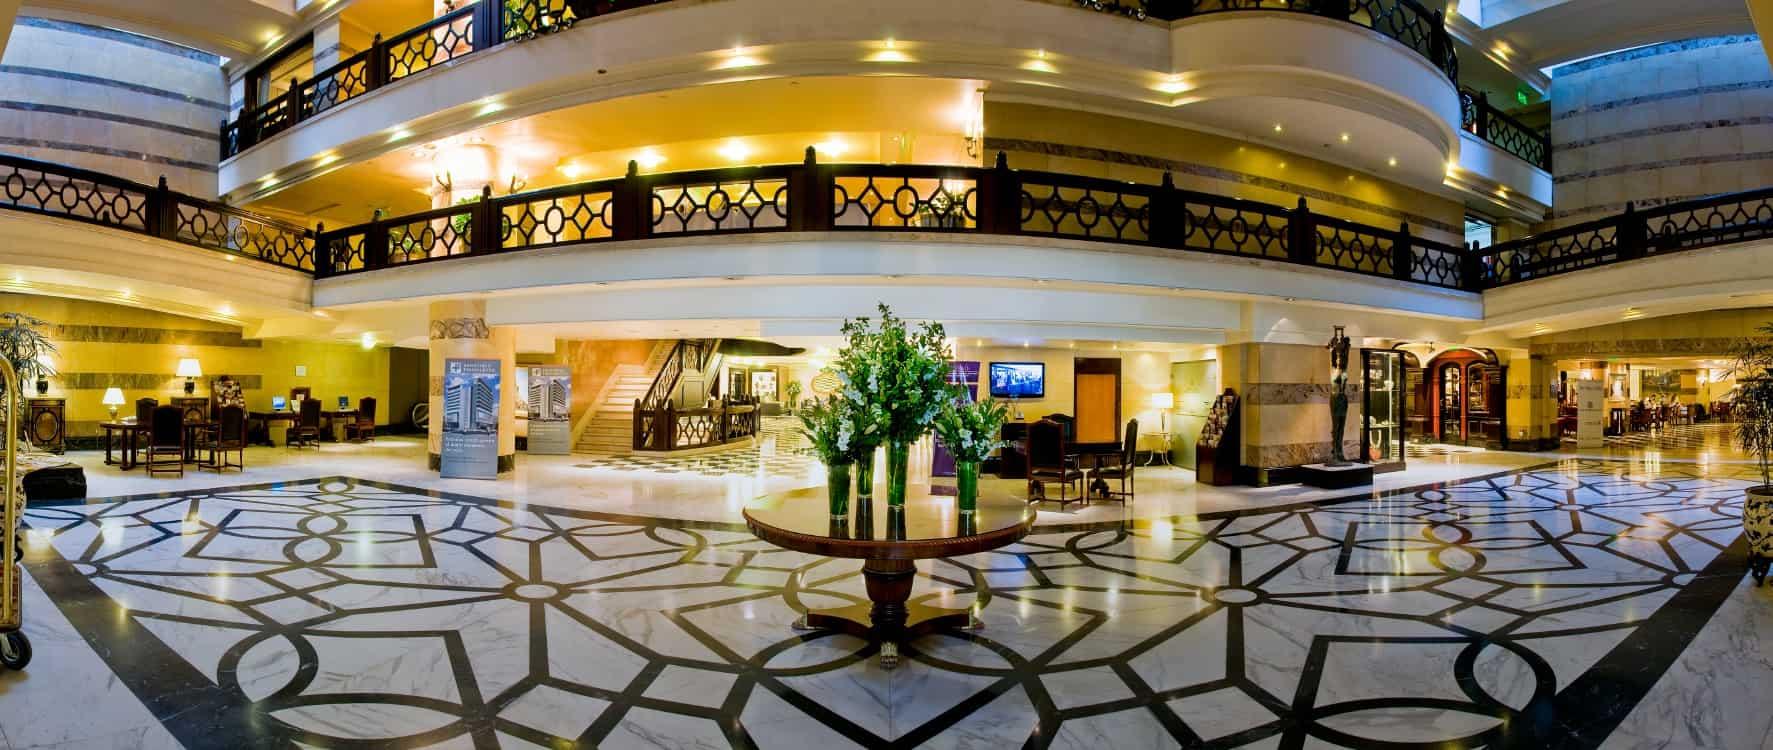 Dulce espera para los hoteles en Argentina el 97% de los establecimientos ya está en condiciones de recibir turistas 1